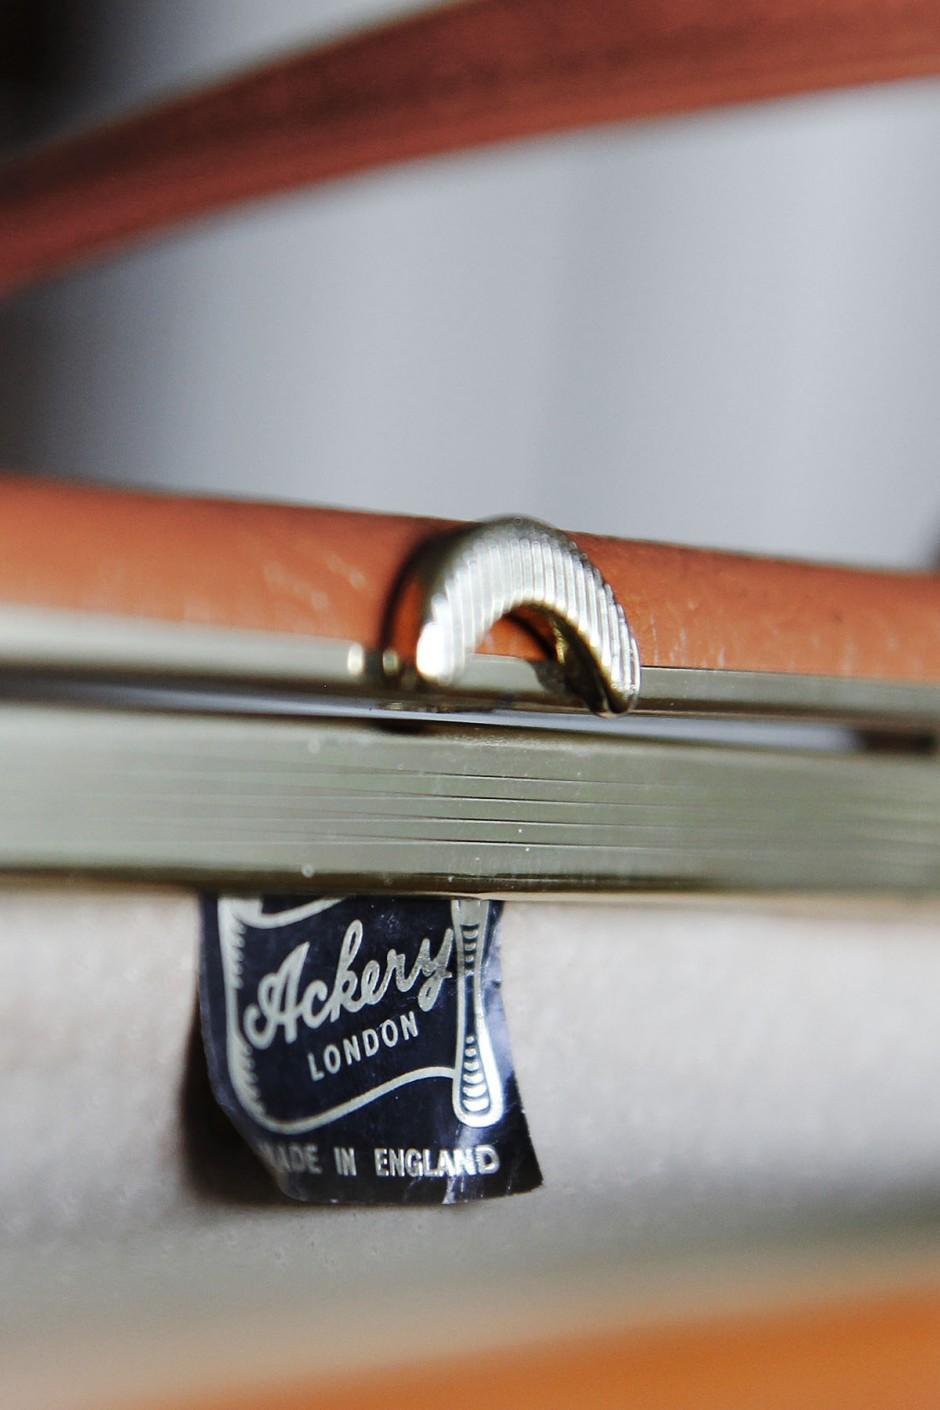 ackery-london-väska-vintage